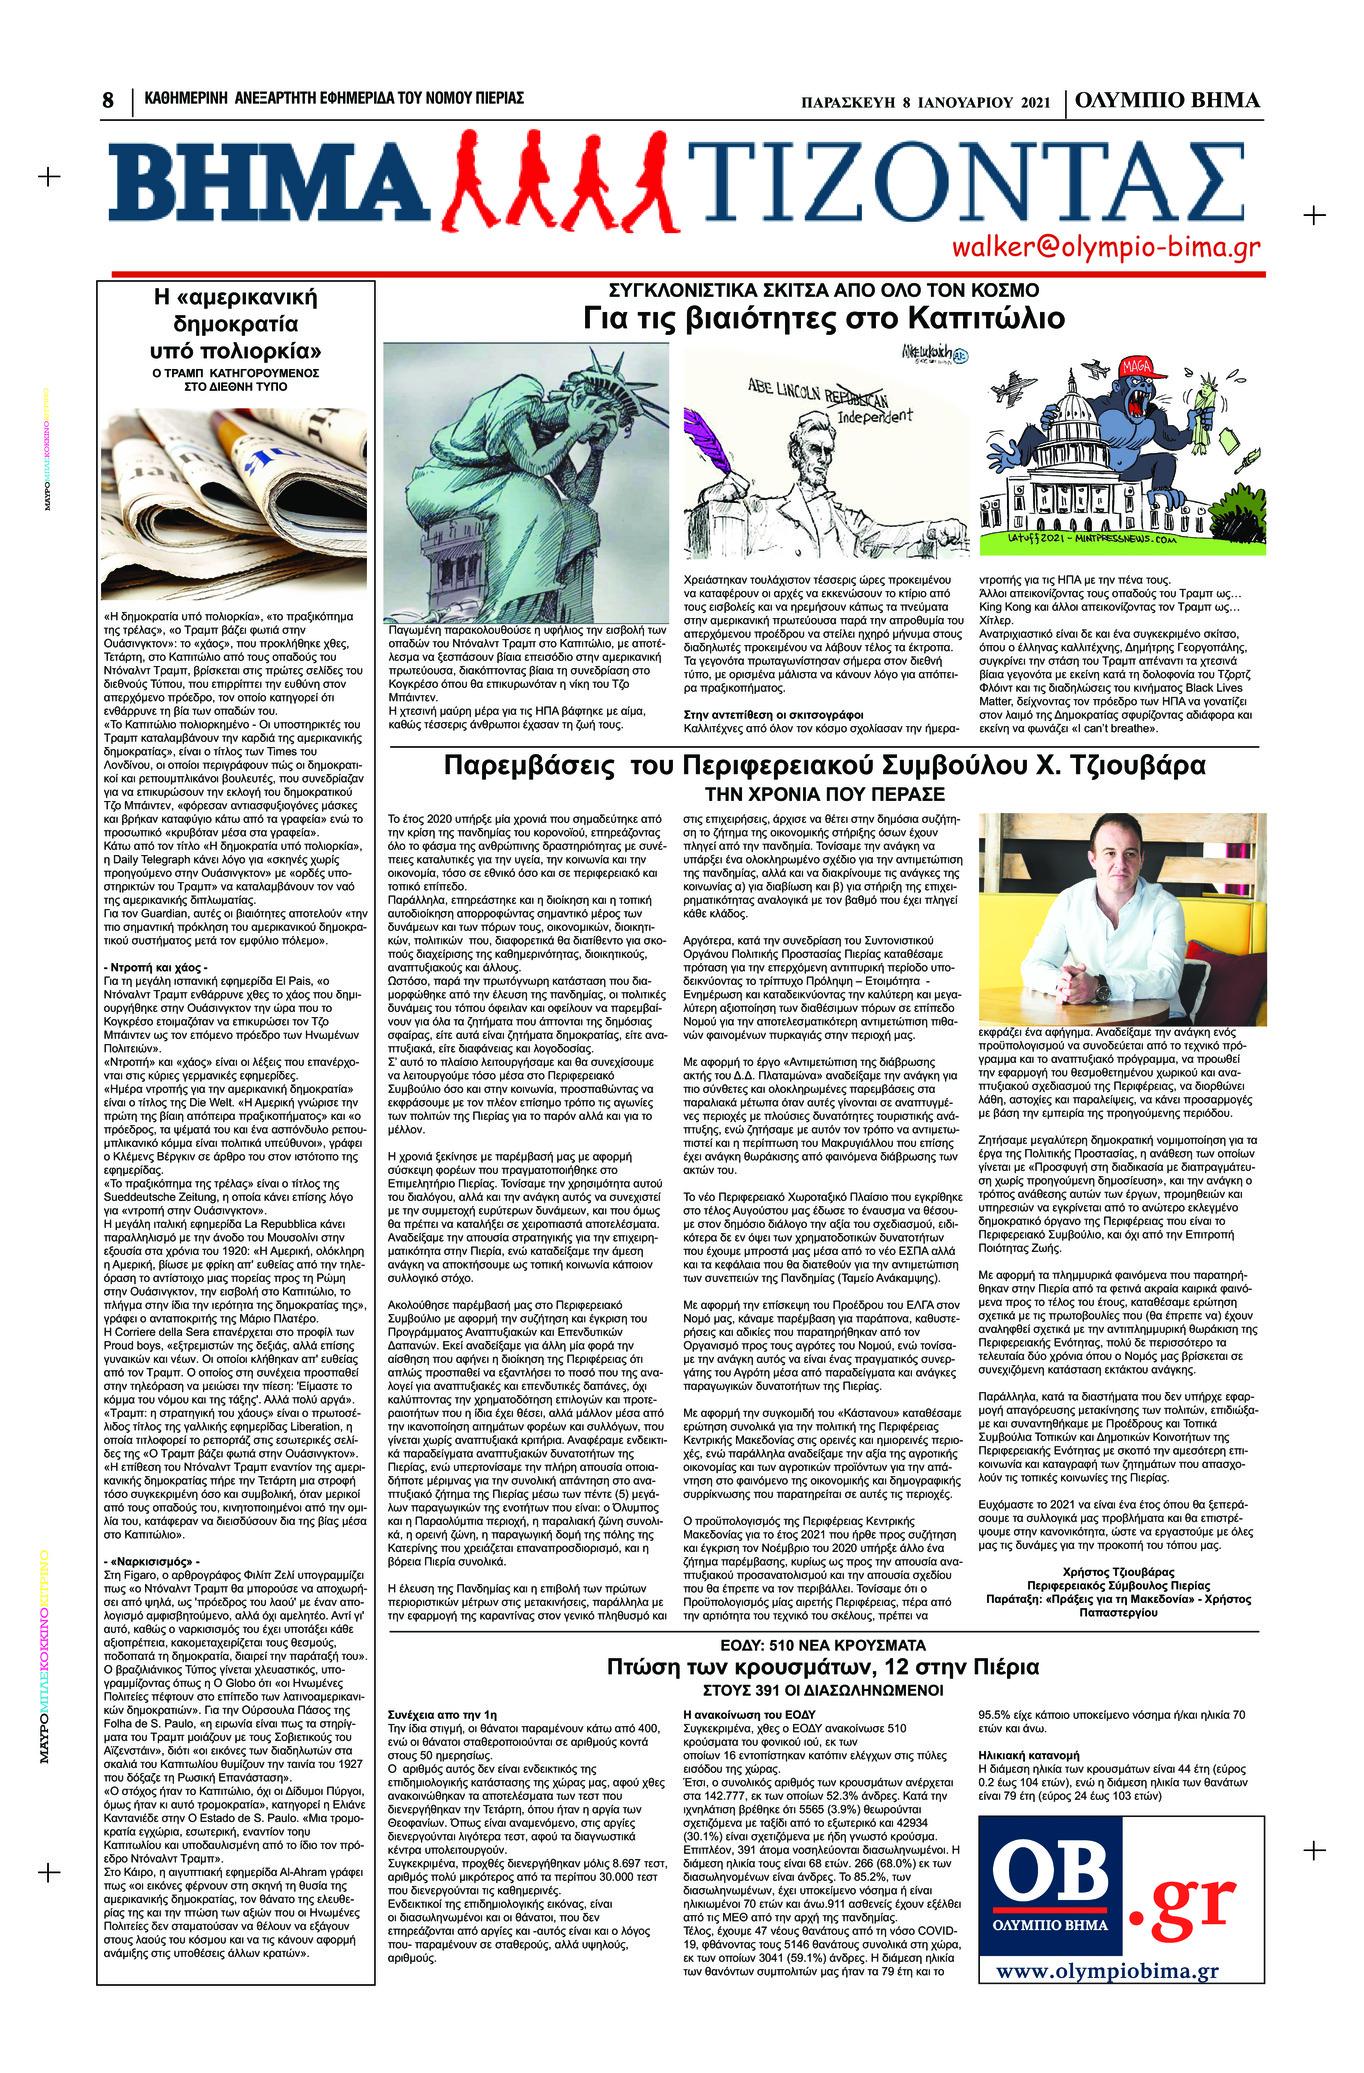 Οπισθόφυλλο εφημερίδας Ολύμπιο Βήμα